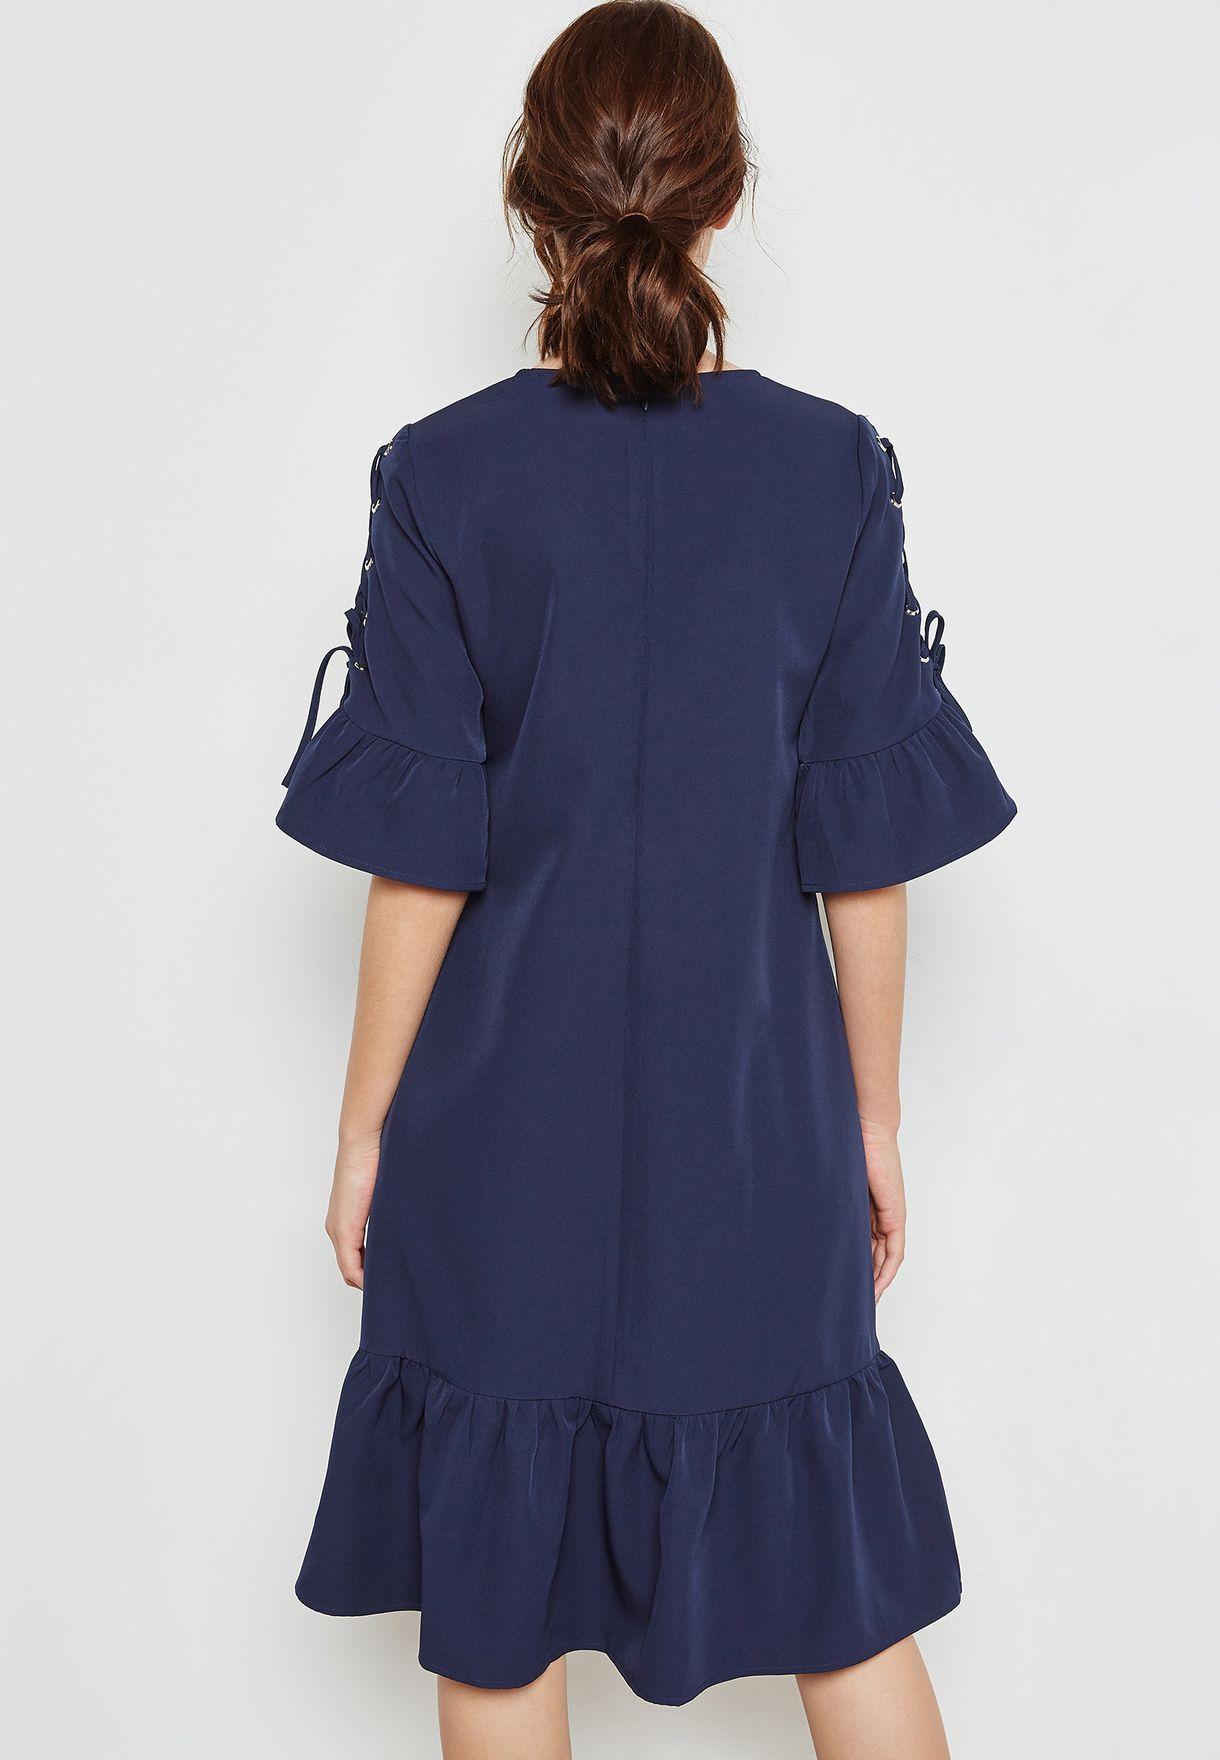 فستان بأربطة على الاكمام وحواف كشكش